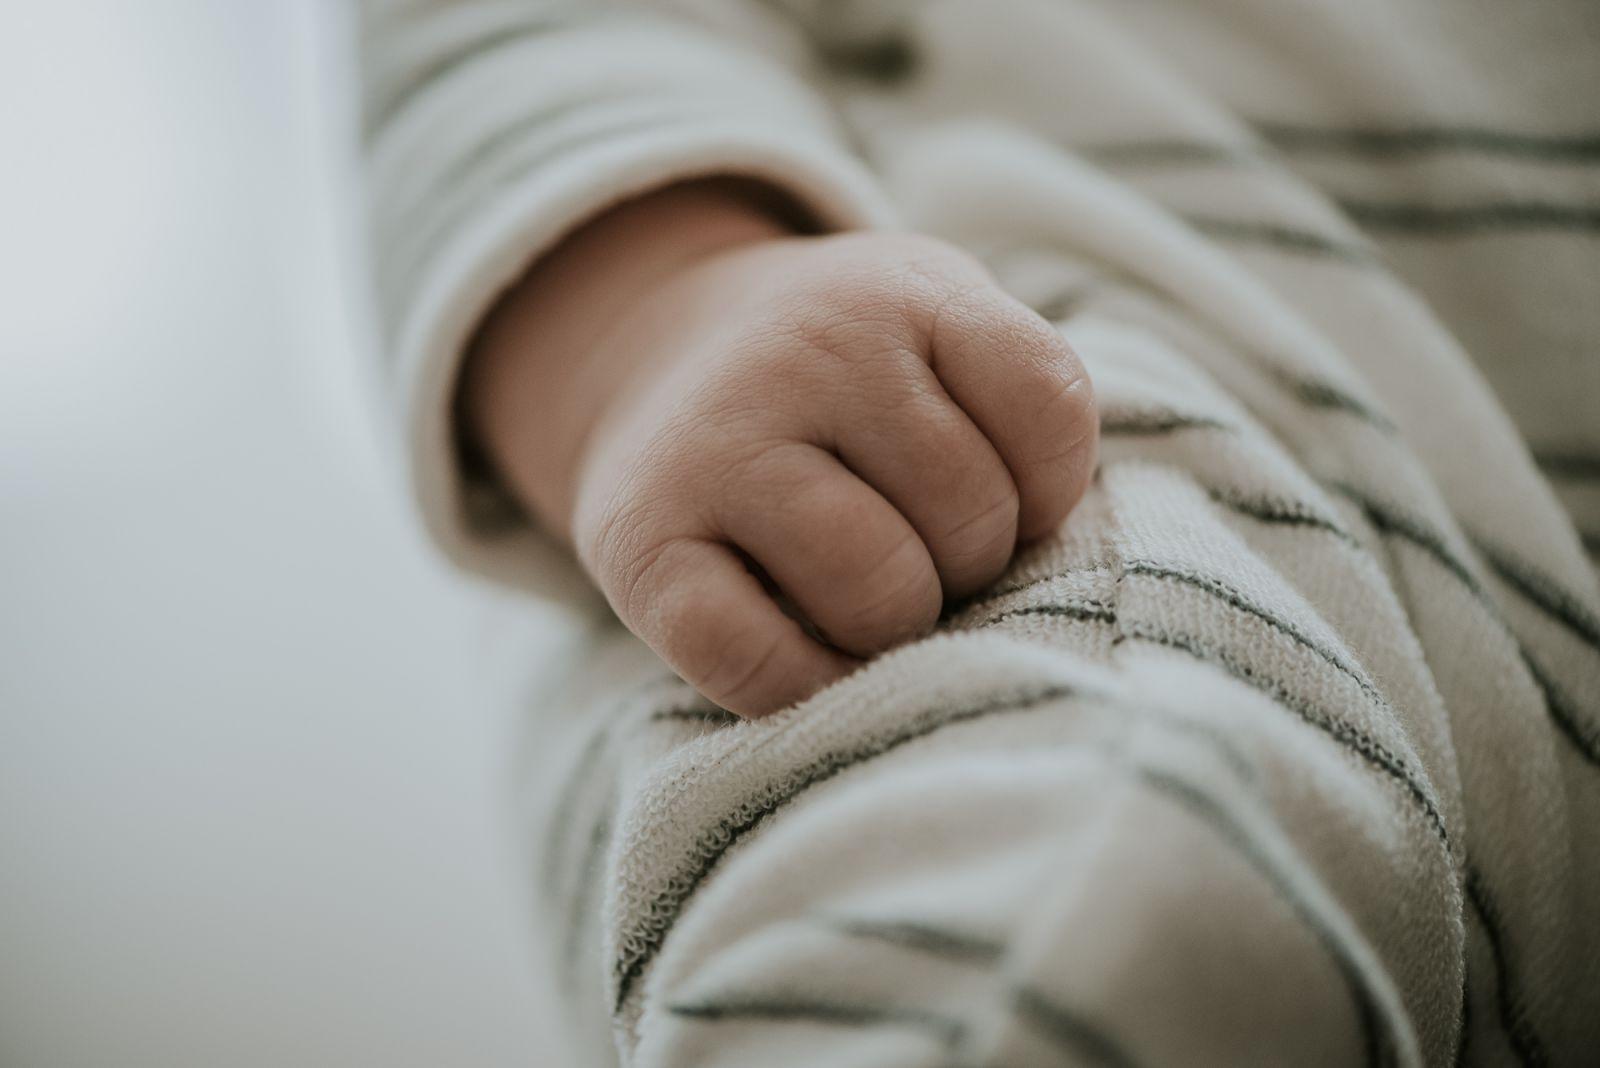 newborn baby handje door newbornfotograaf Nickie Fotografie uit Dokkum, Friesland